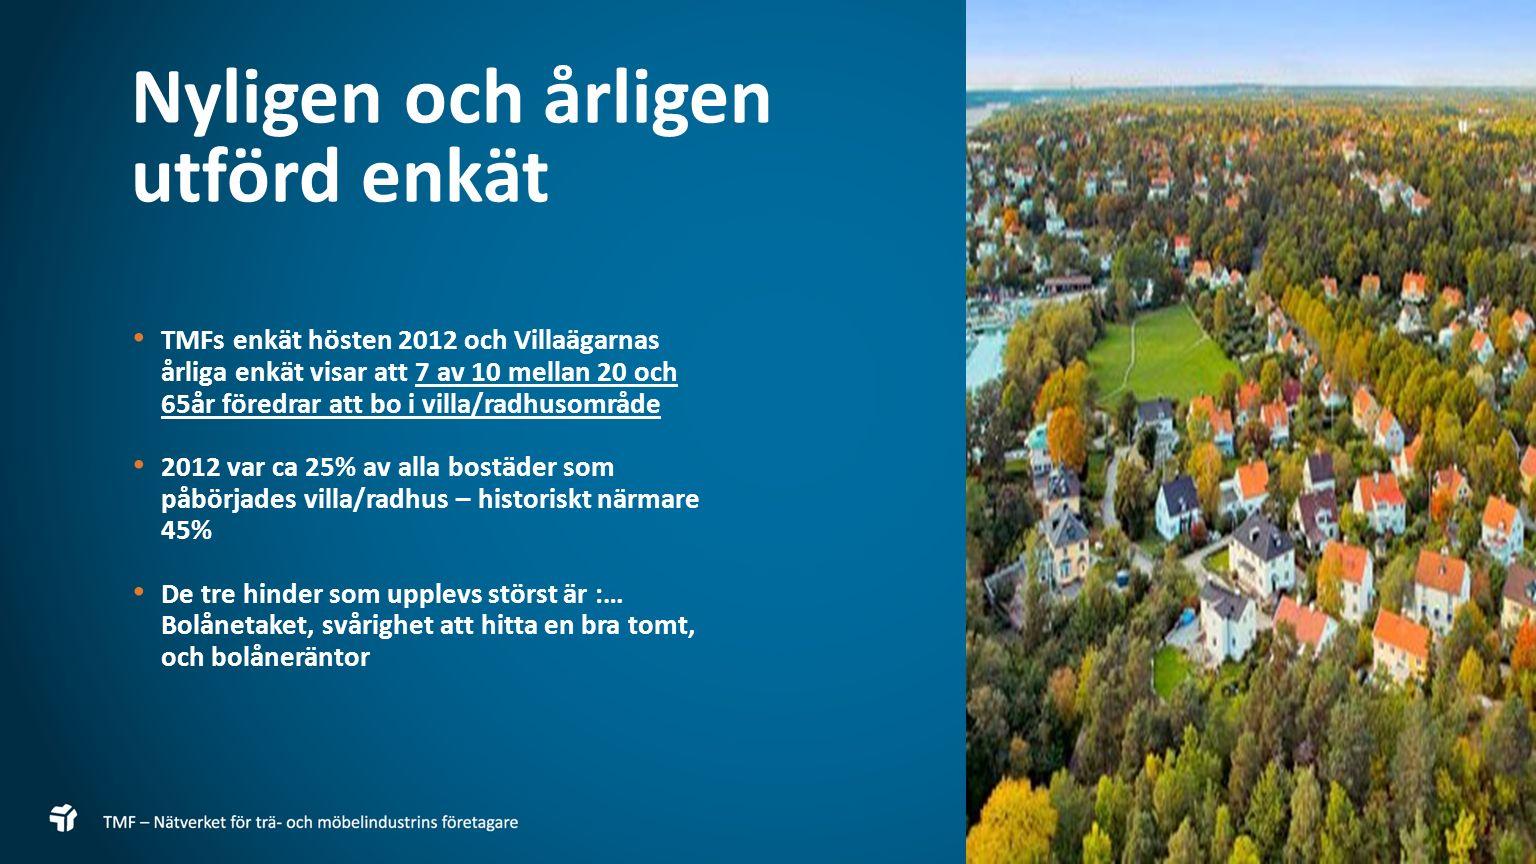 7 TMFs enkät hösten 2012 och Villaägarnas årliga enkät visar att 7 av 10 mellan 20 och 65år föredrar att bo i villa/radhusområde 2012 var ca 25% av al